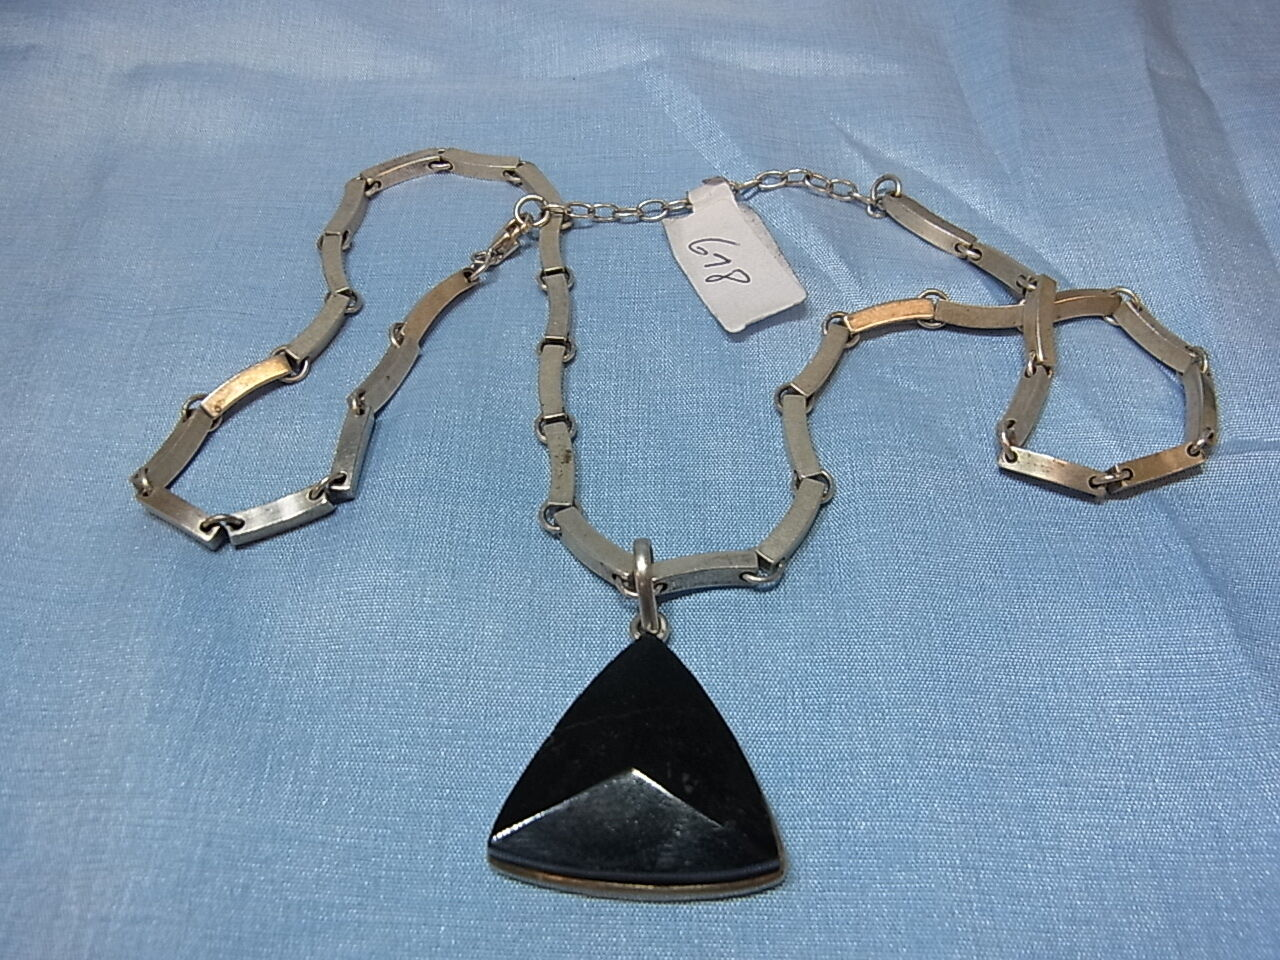 925er silver Halskette mit Onyxstein anhänger kette lang 45 cm Anhänger 2,5x2,5